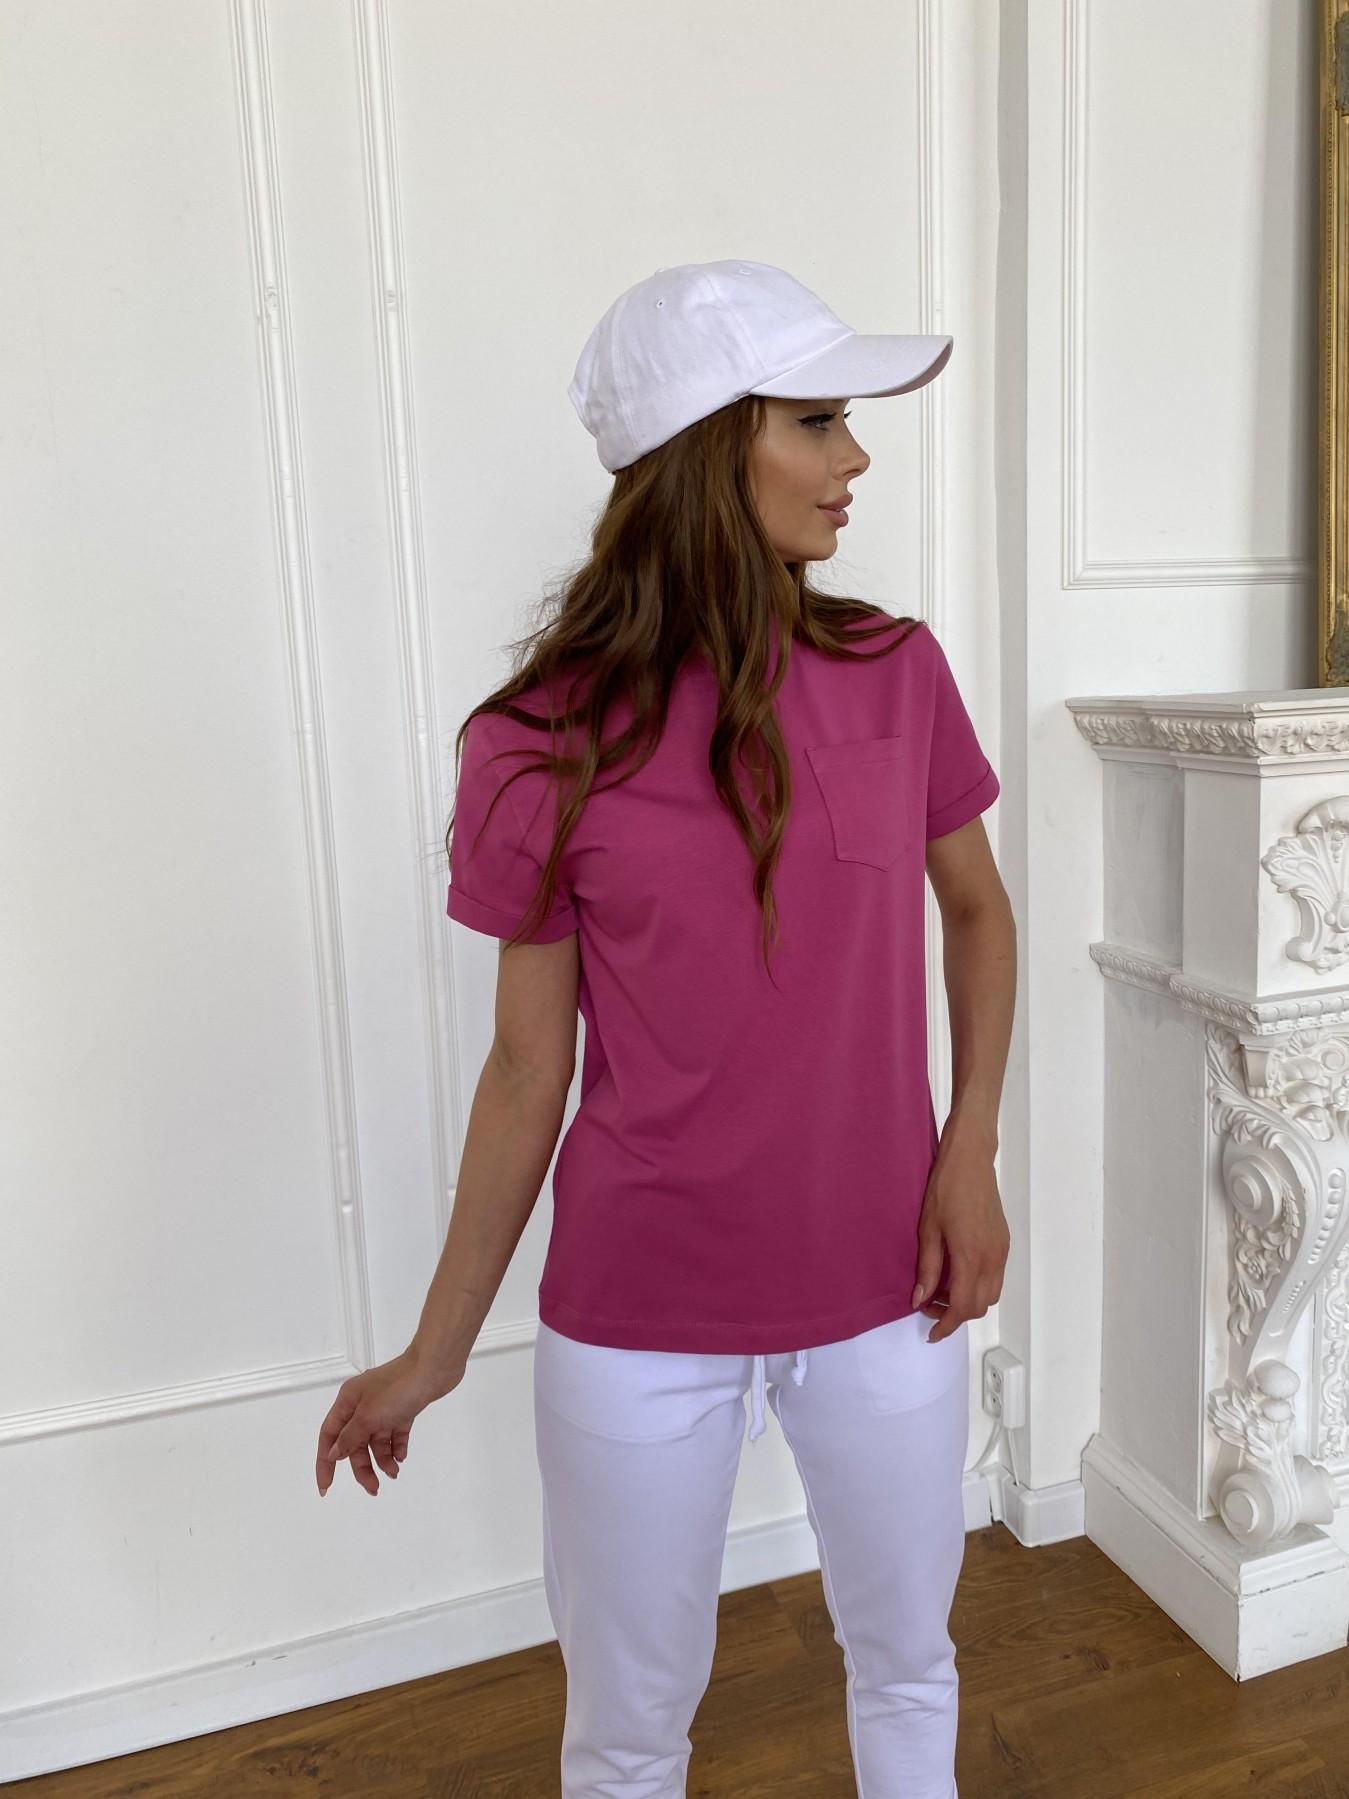 Вуди футболка из вискозы 11224 АРТ. 47874 Цвет: Малиновый - фото 1, интернет магазин tm-modus.ru